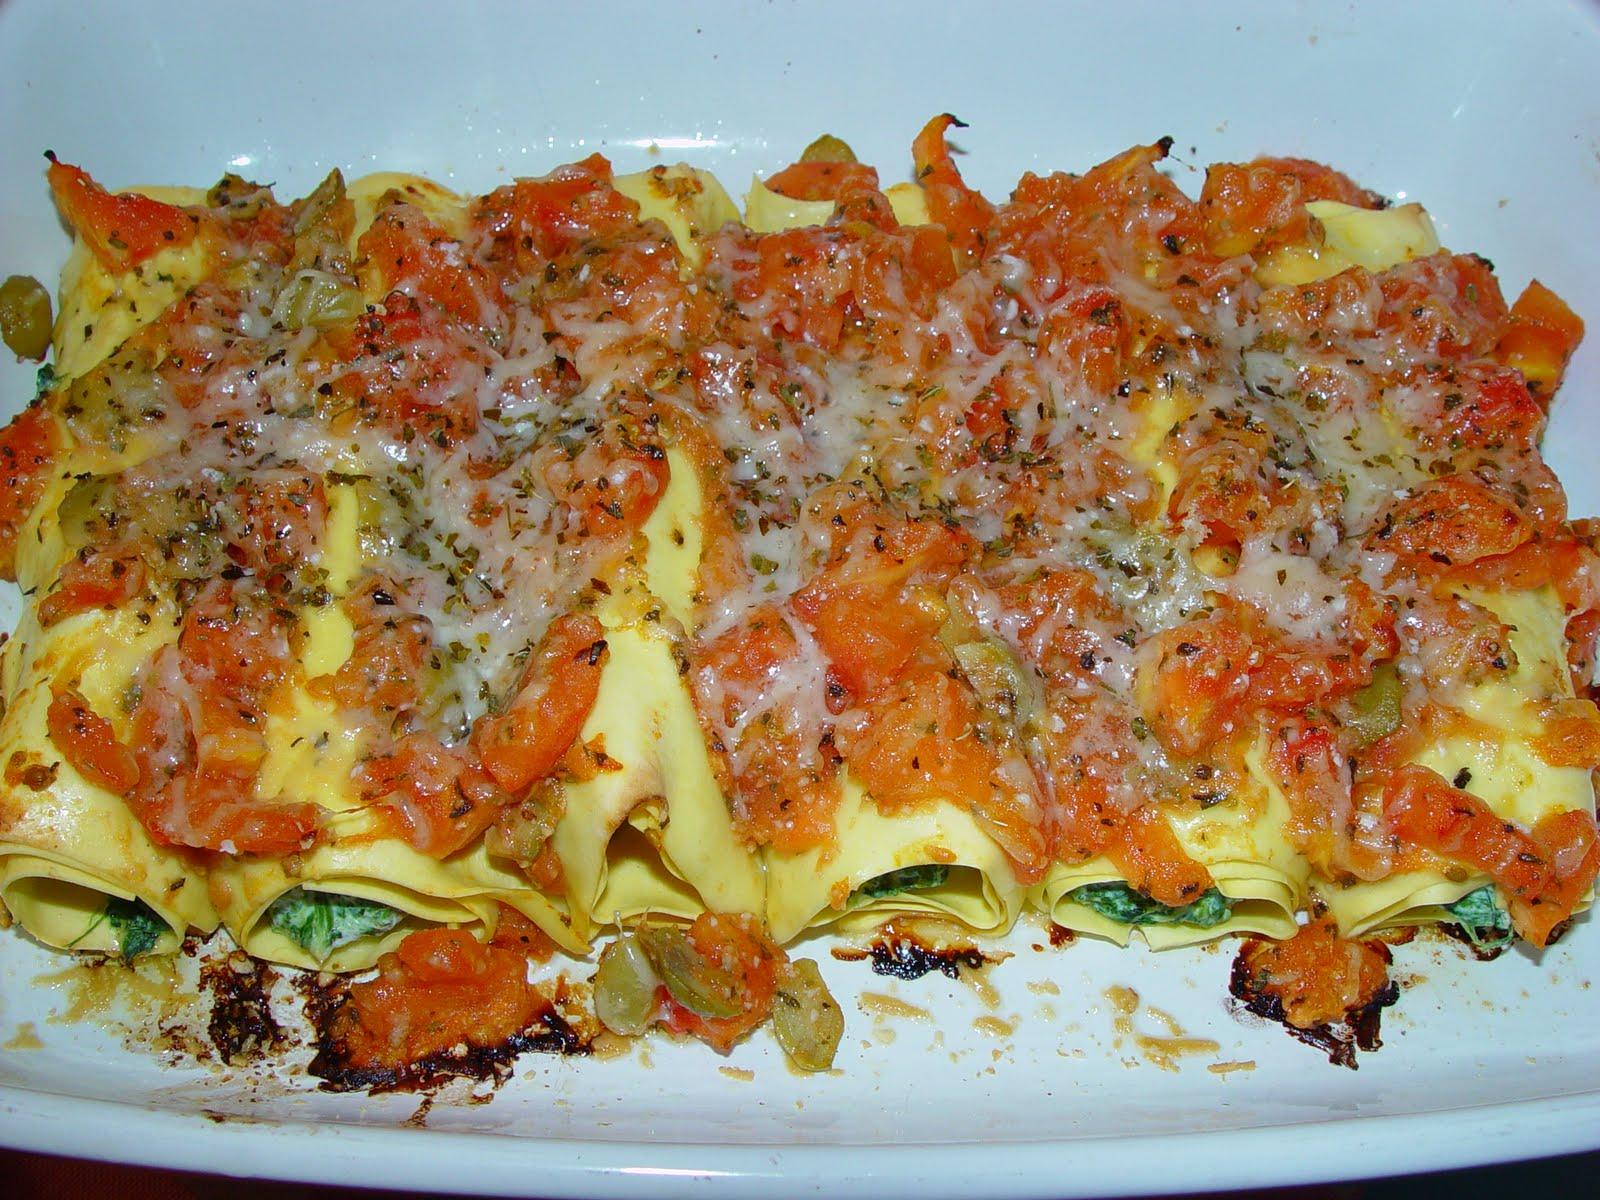 Na cozinha c de casa canelones com ricotta e espinafres e molho de tomate - Canelones en microondas ...